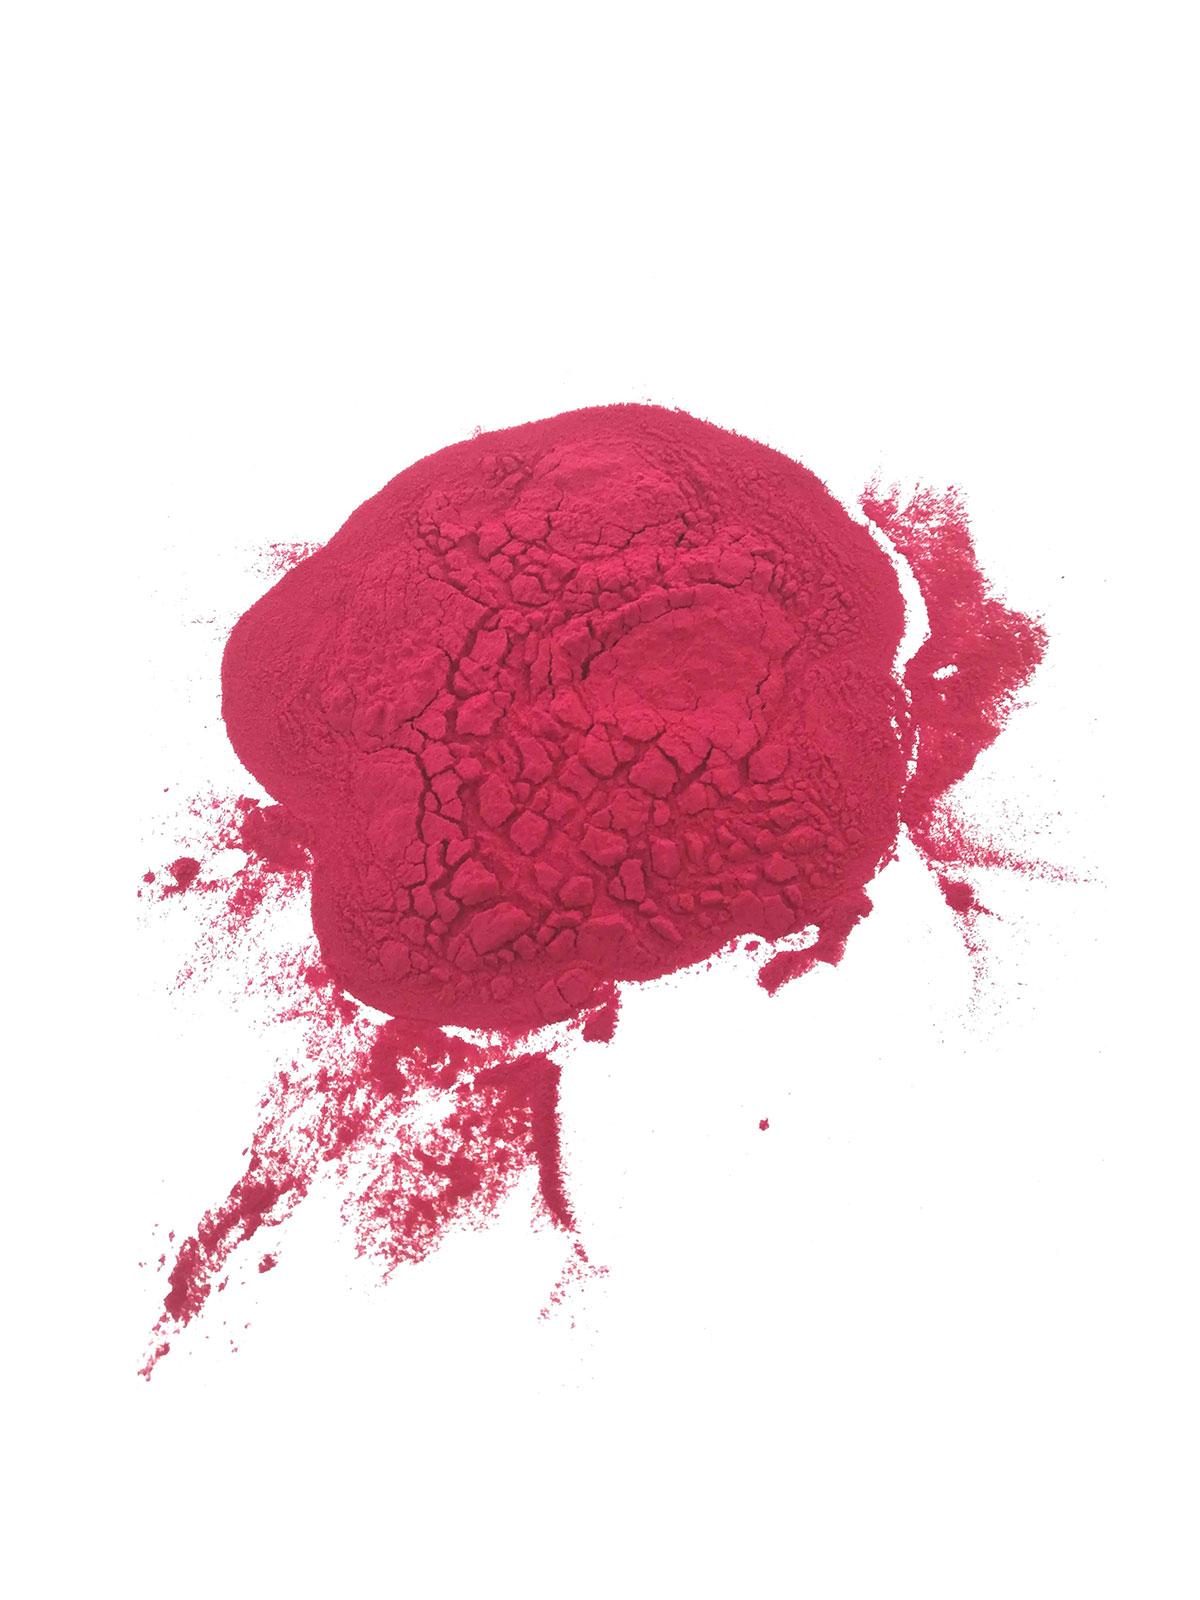 Natural Pink Powder - Pantry - Buon'Italia